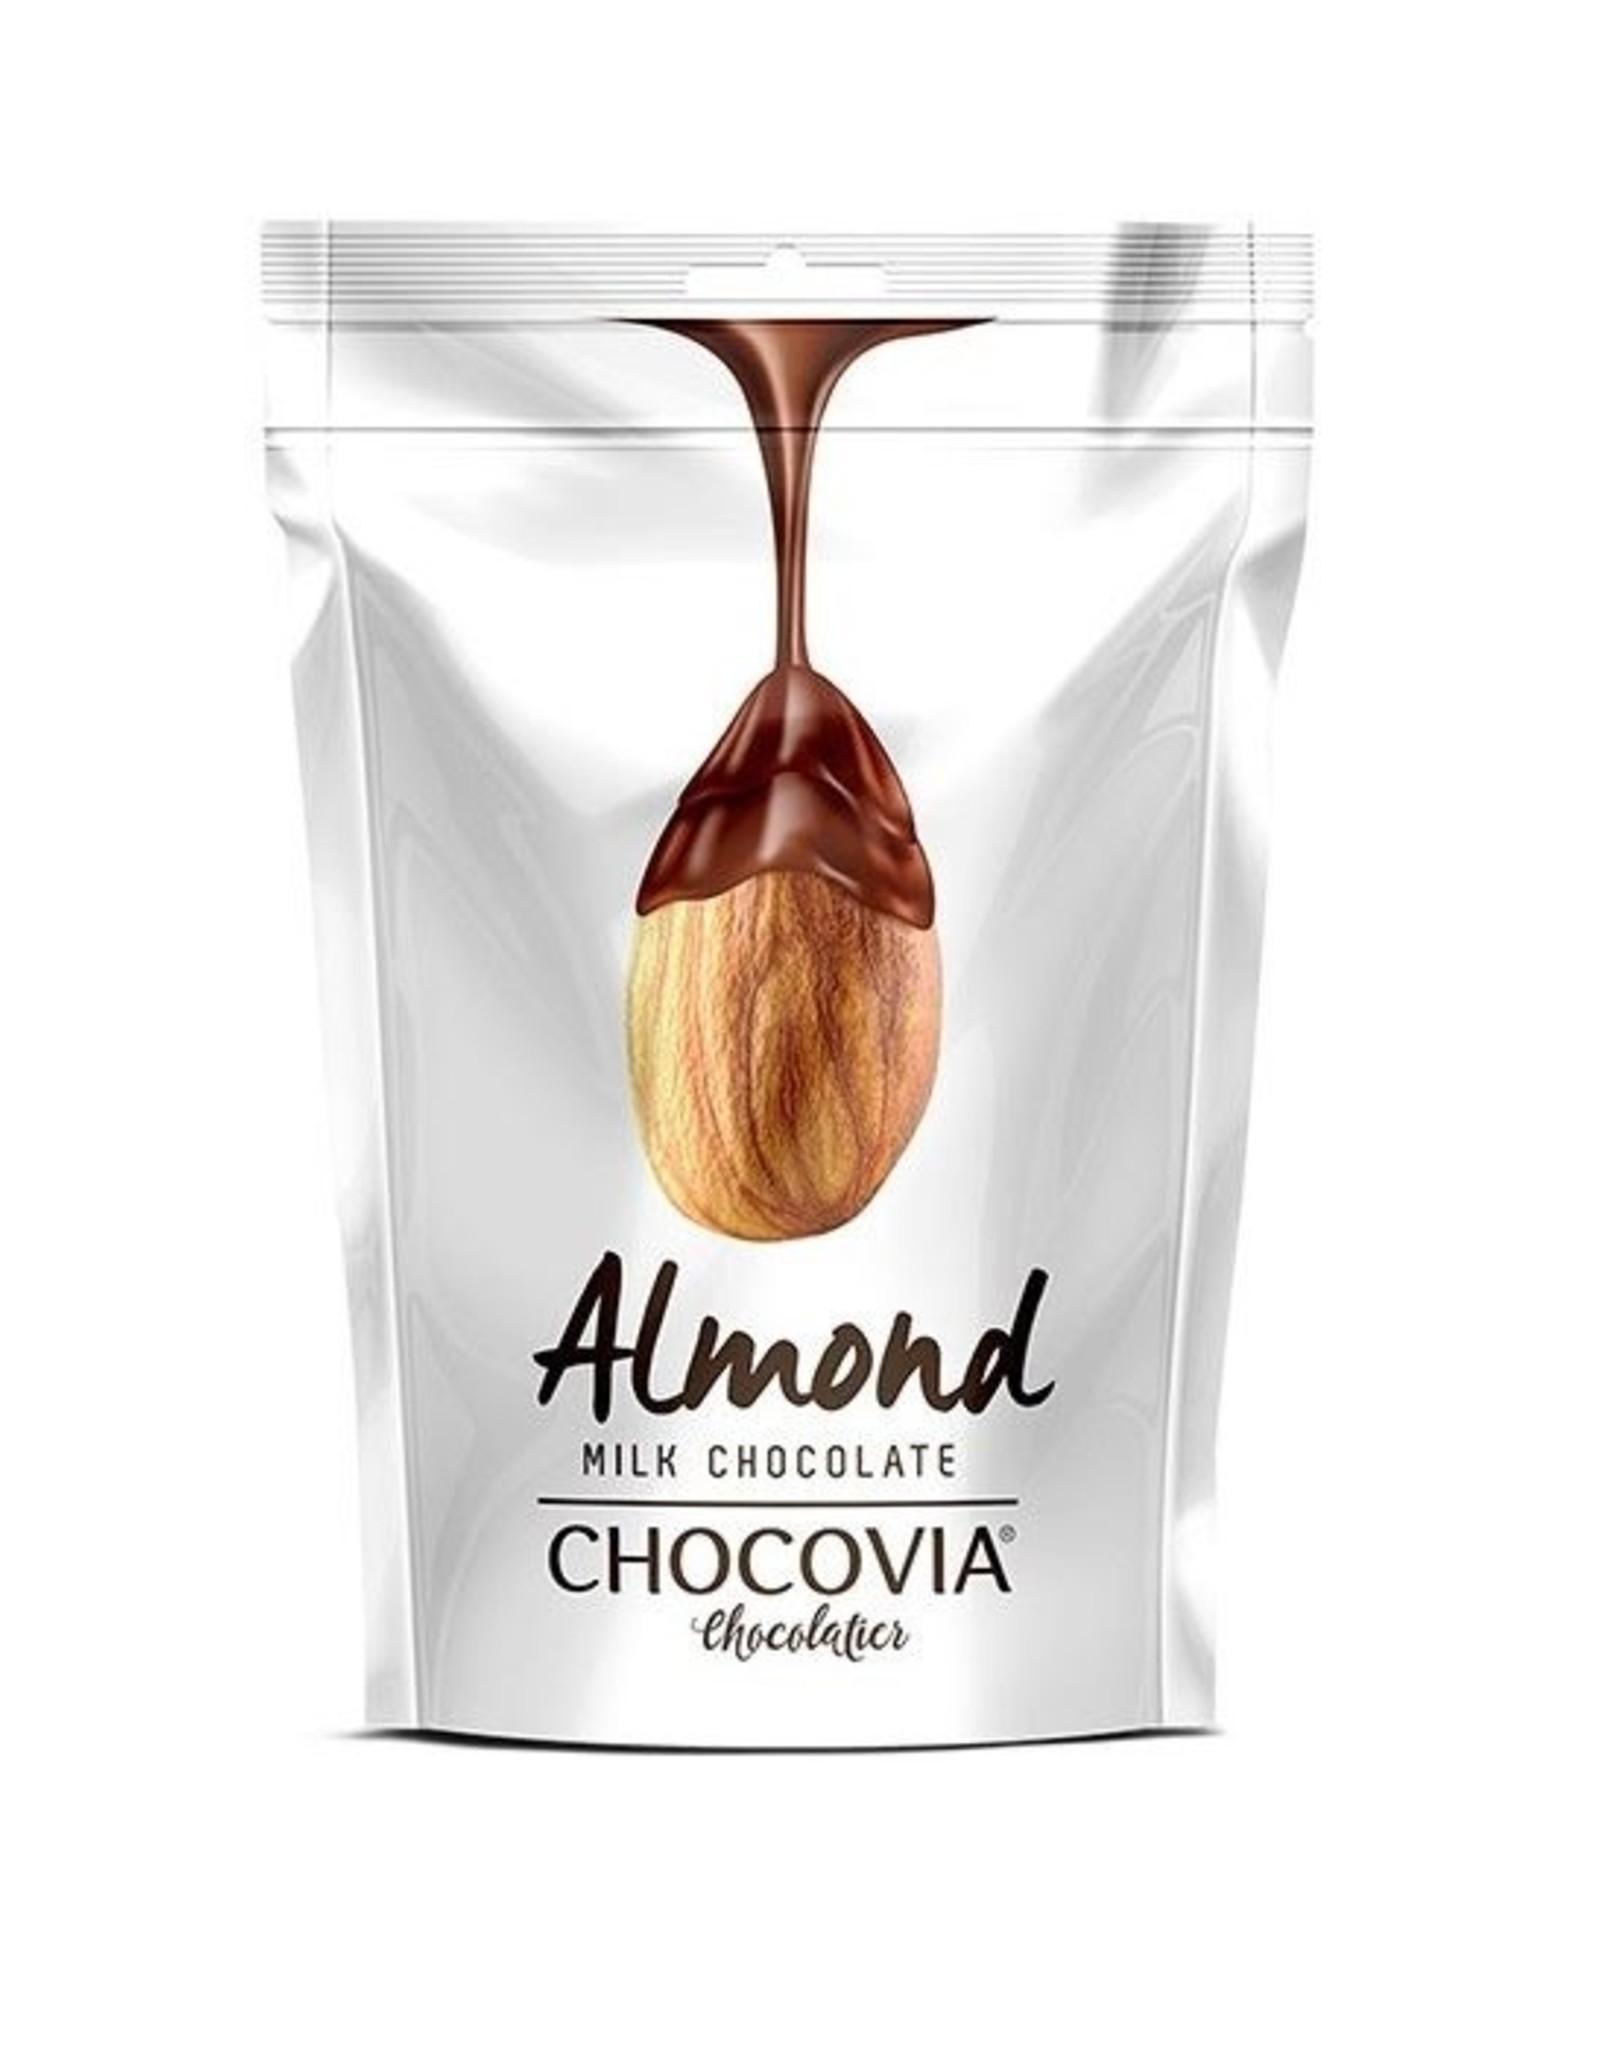 Chocovia  Chocovia  Çikolata Kaplı Kuru Kayısı - Copy - Copy - Copy - Copy